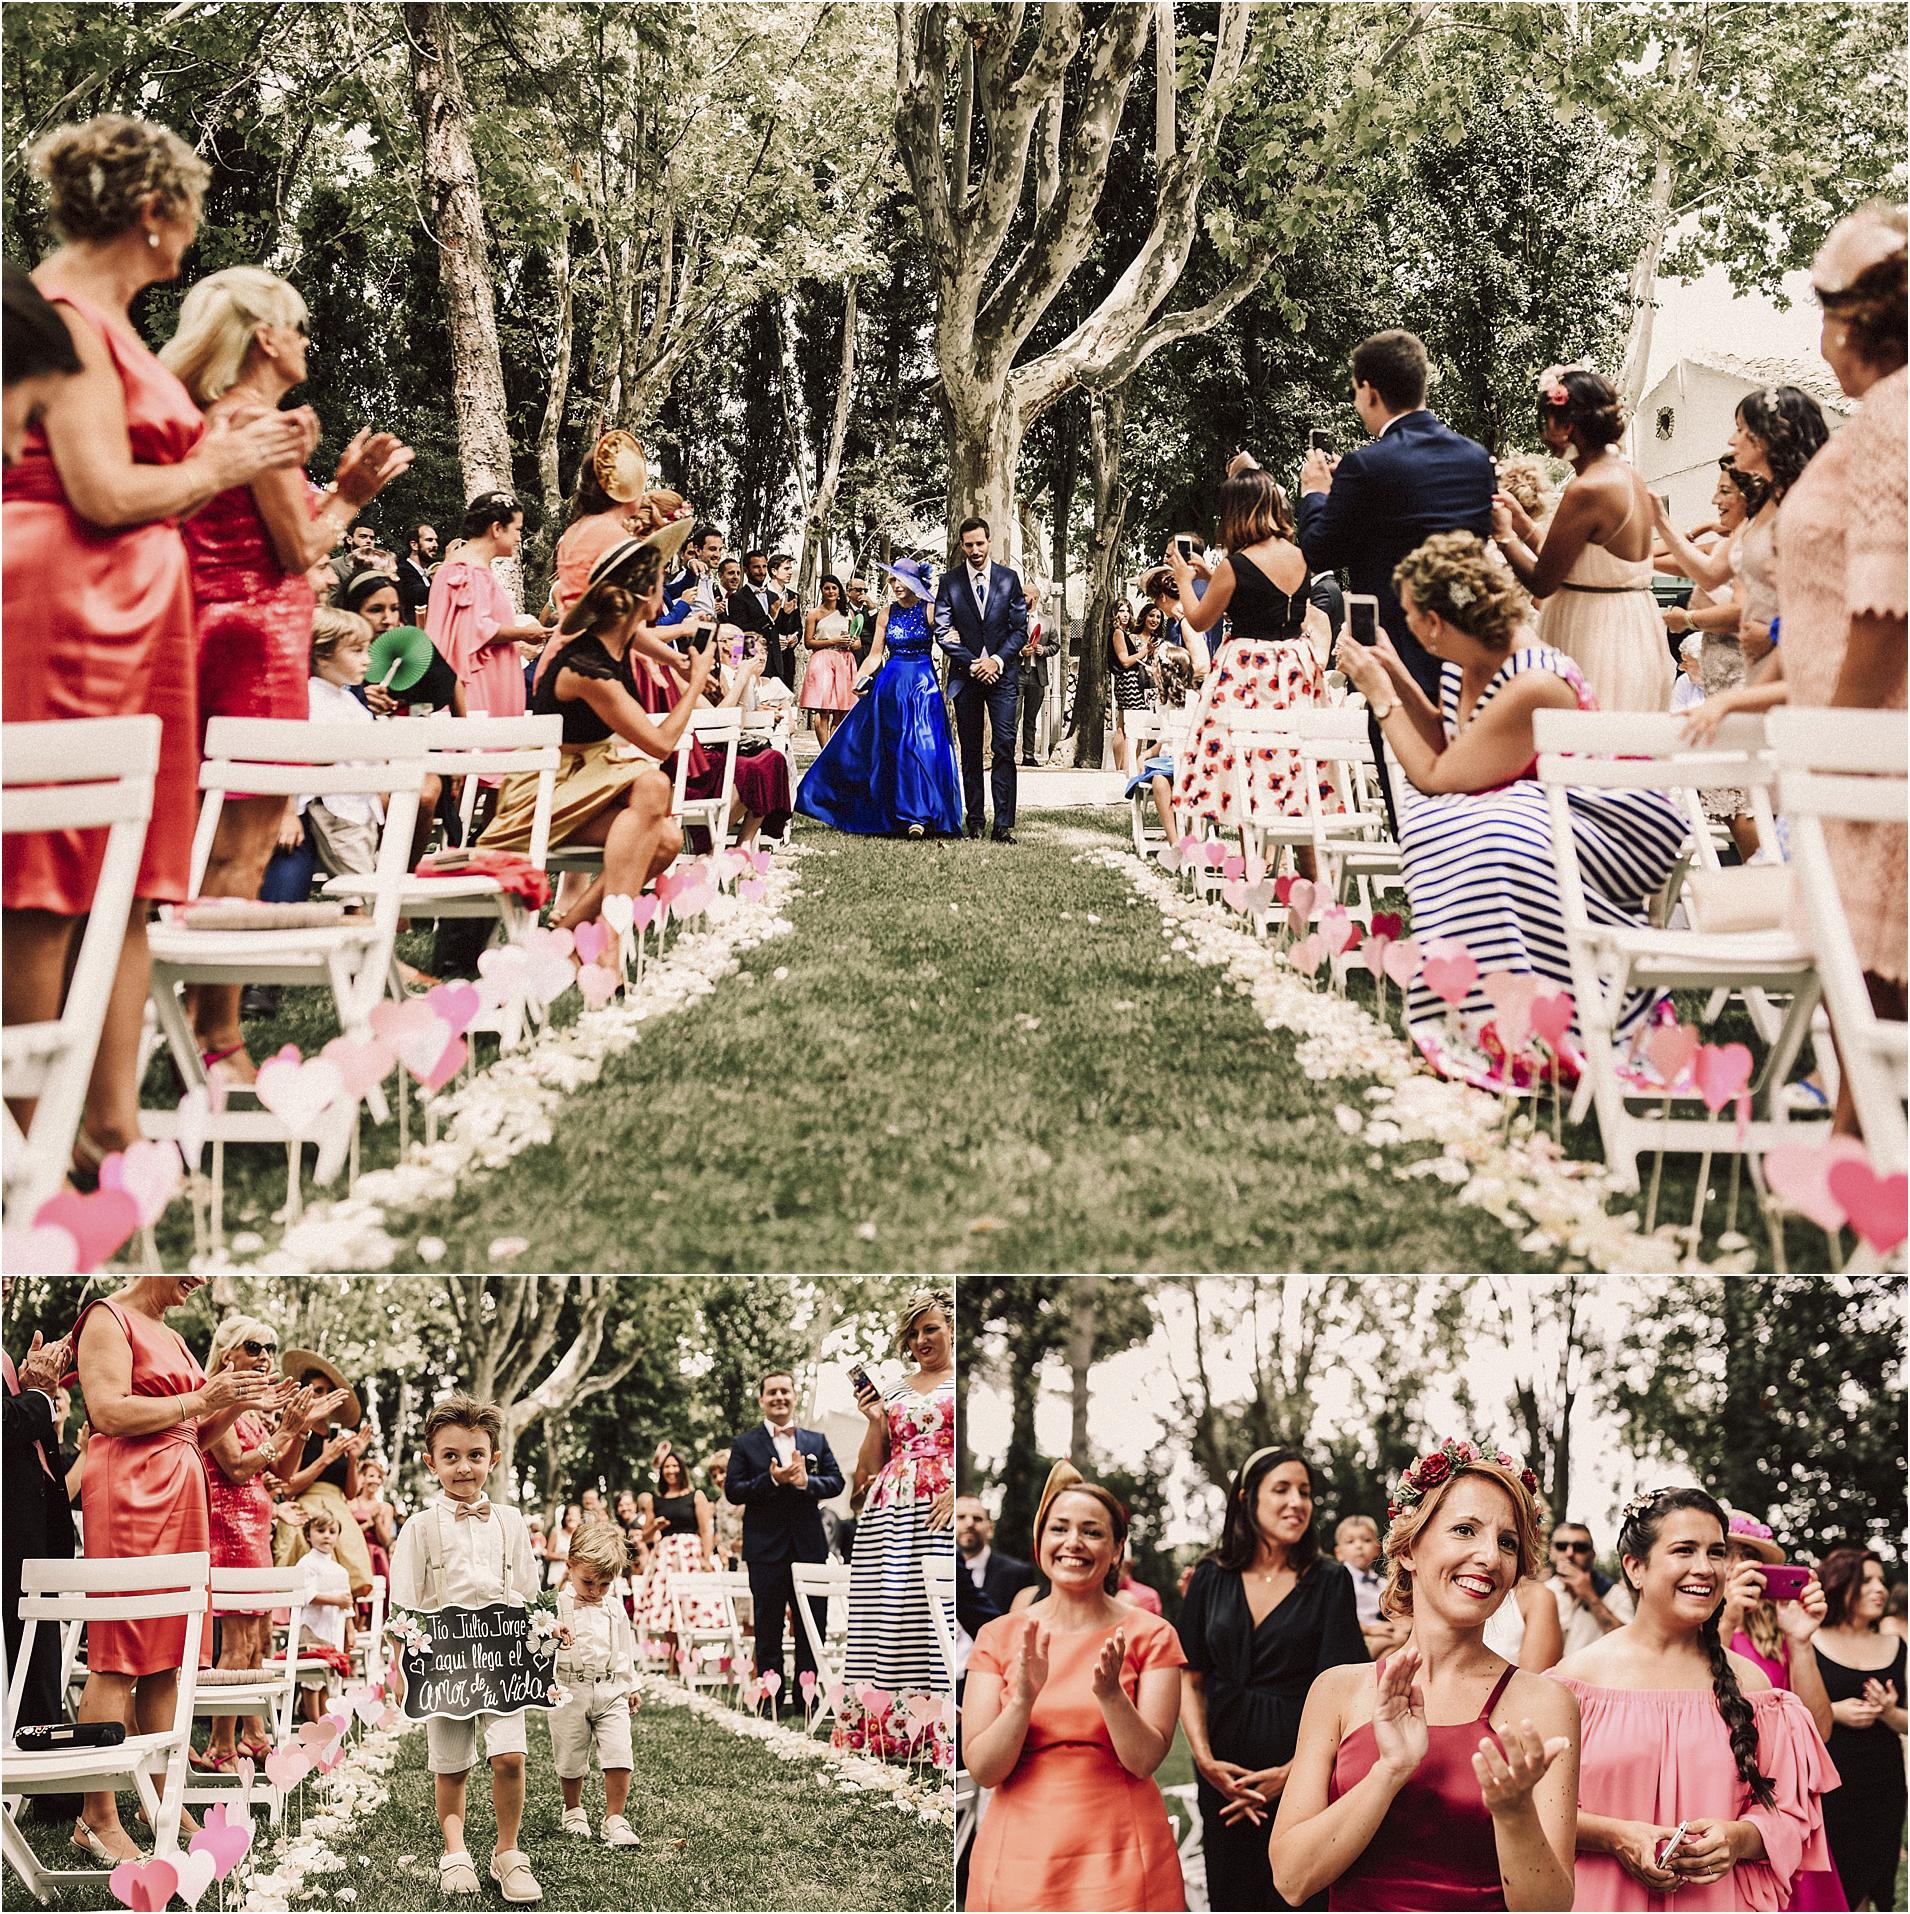 Fotografos-de-boda-donostia-zaragoza-san-sebastian-destination-wedding-photographer-42.jpg